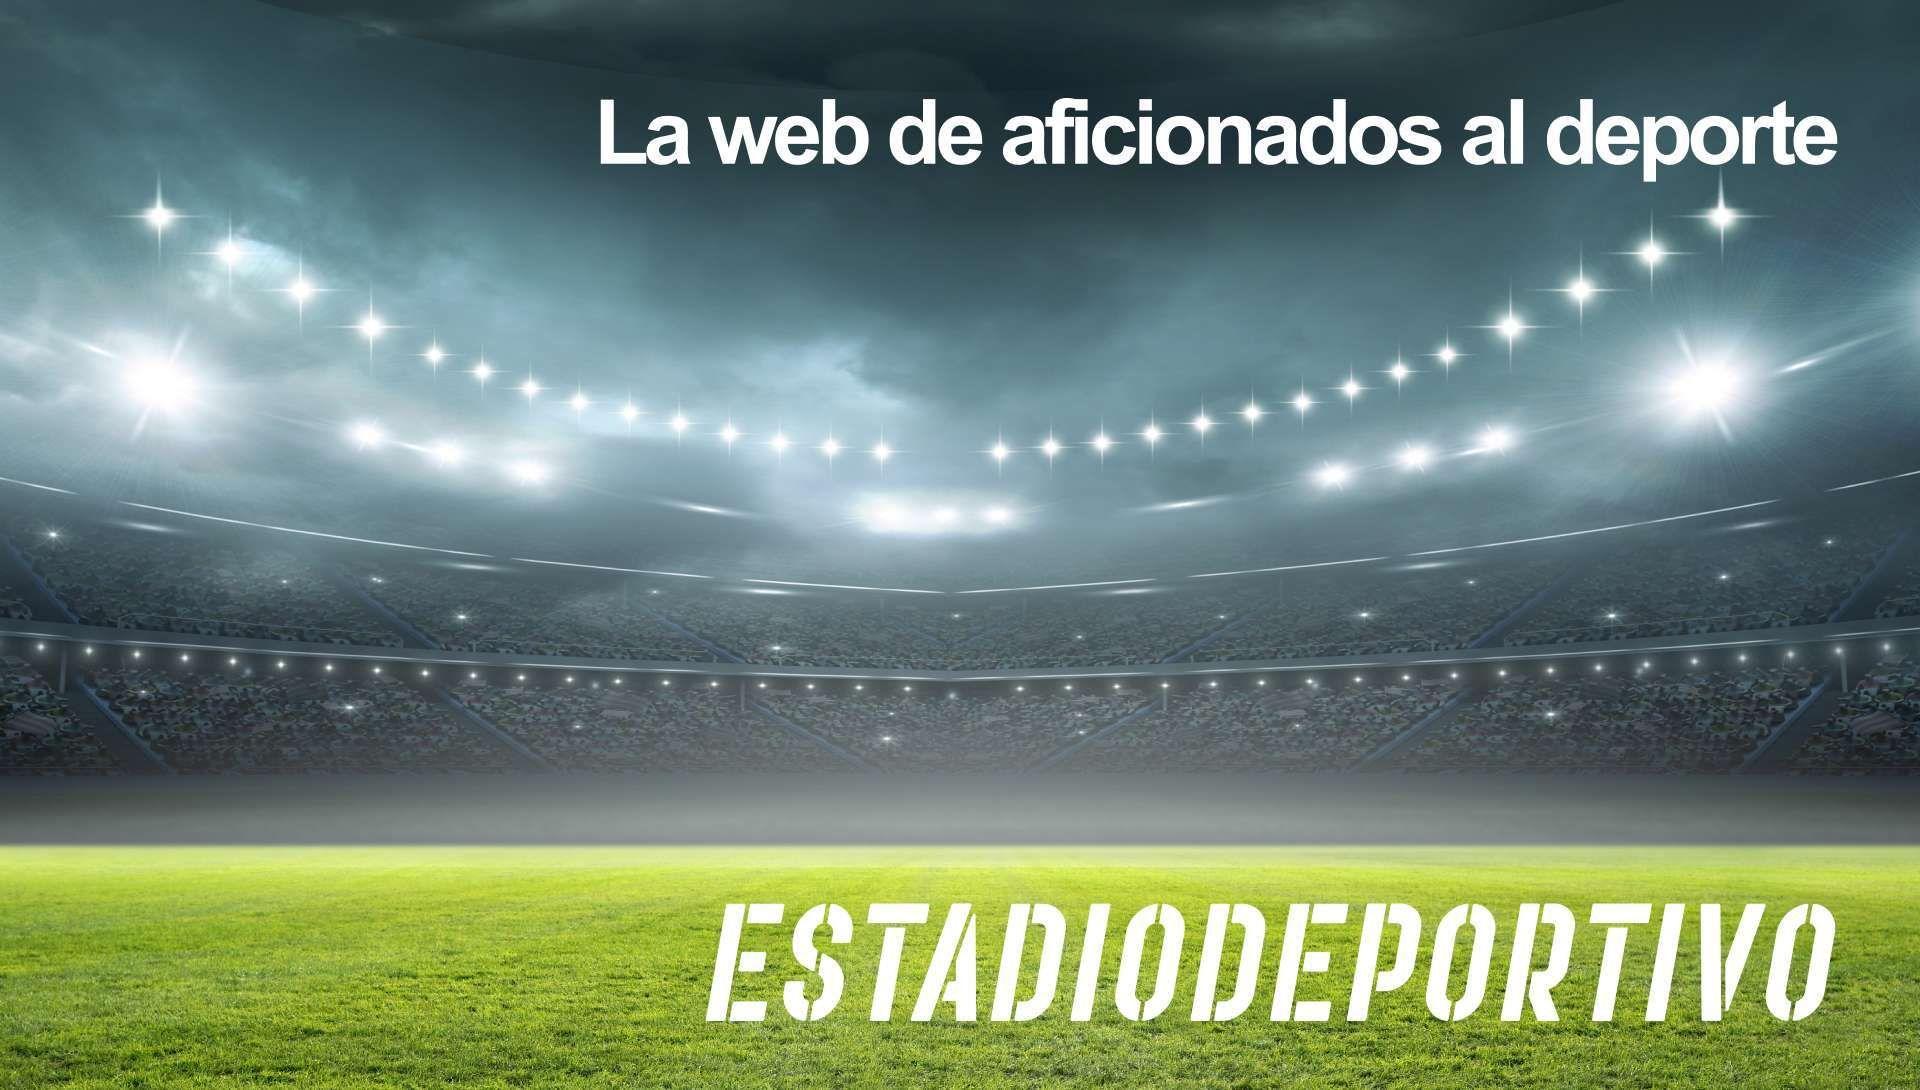 Las portadas del viernes 20 de agosto